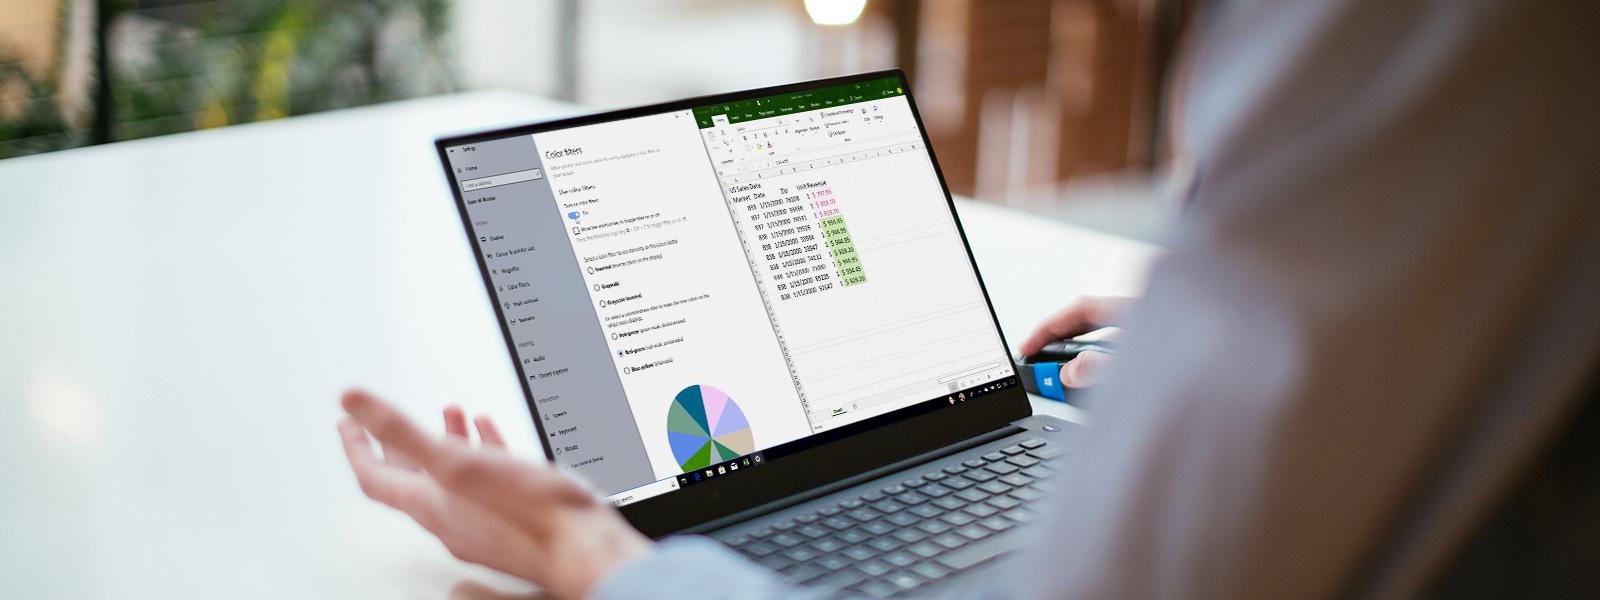 Laptopot a Windows 10-ben bekapcsolt színszűrőkkel használó személy